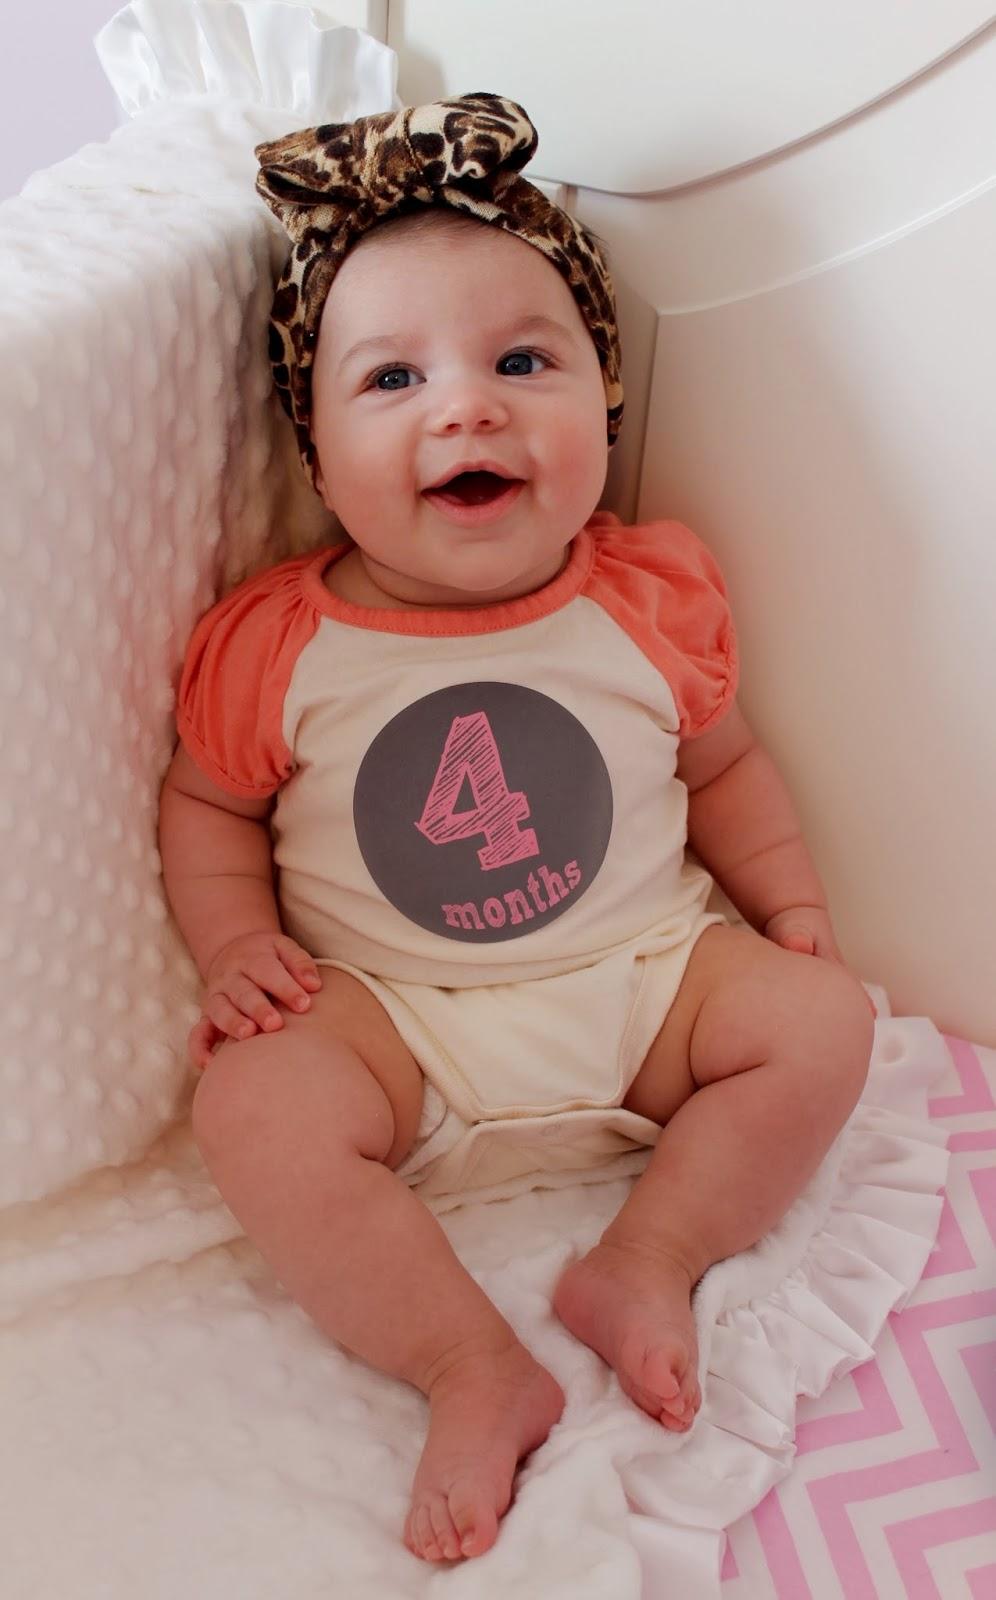 O bebê de 4 meses está mais interessado nas coisas ao seu redor -- o que pode atrapalhar a amamentação. Nesta fase também algumas famílias começam a considerar a introdução de alimentos, mas muitos médicos aconselham que se espere até os 6 meses.